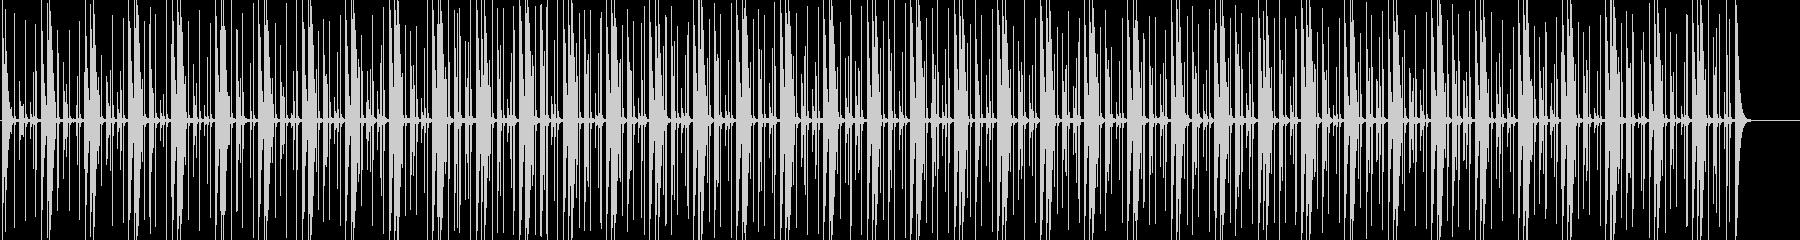 コンガの軽快なメレンゲのリズムの未再生の波形